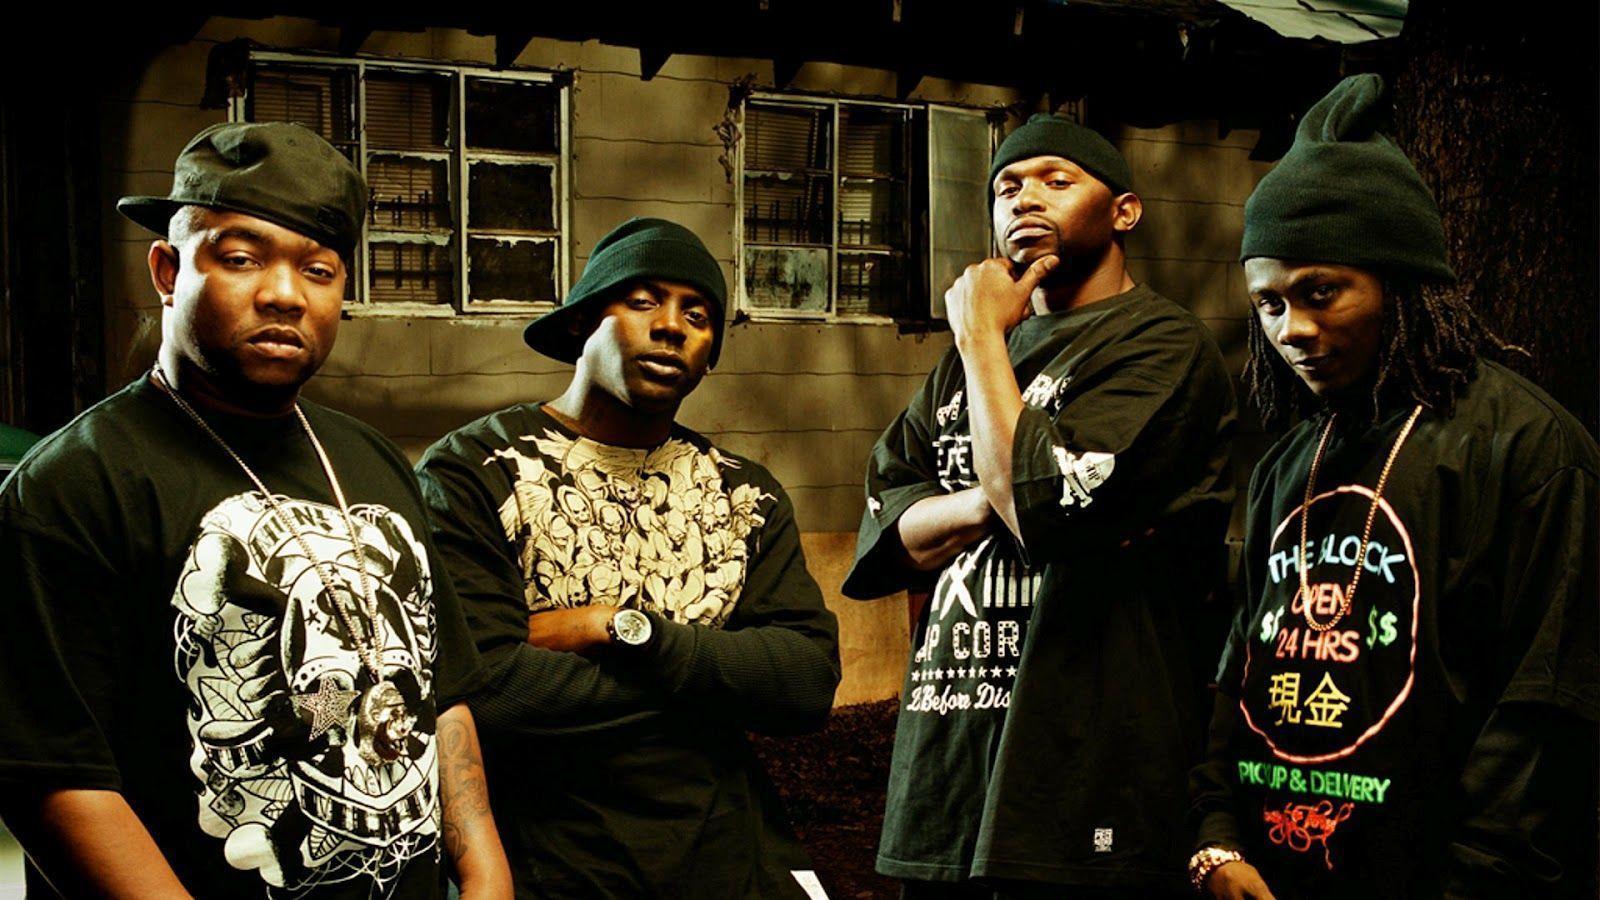 rap logo wallpapers - photo #32